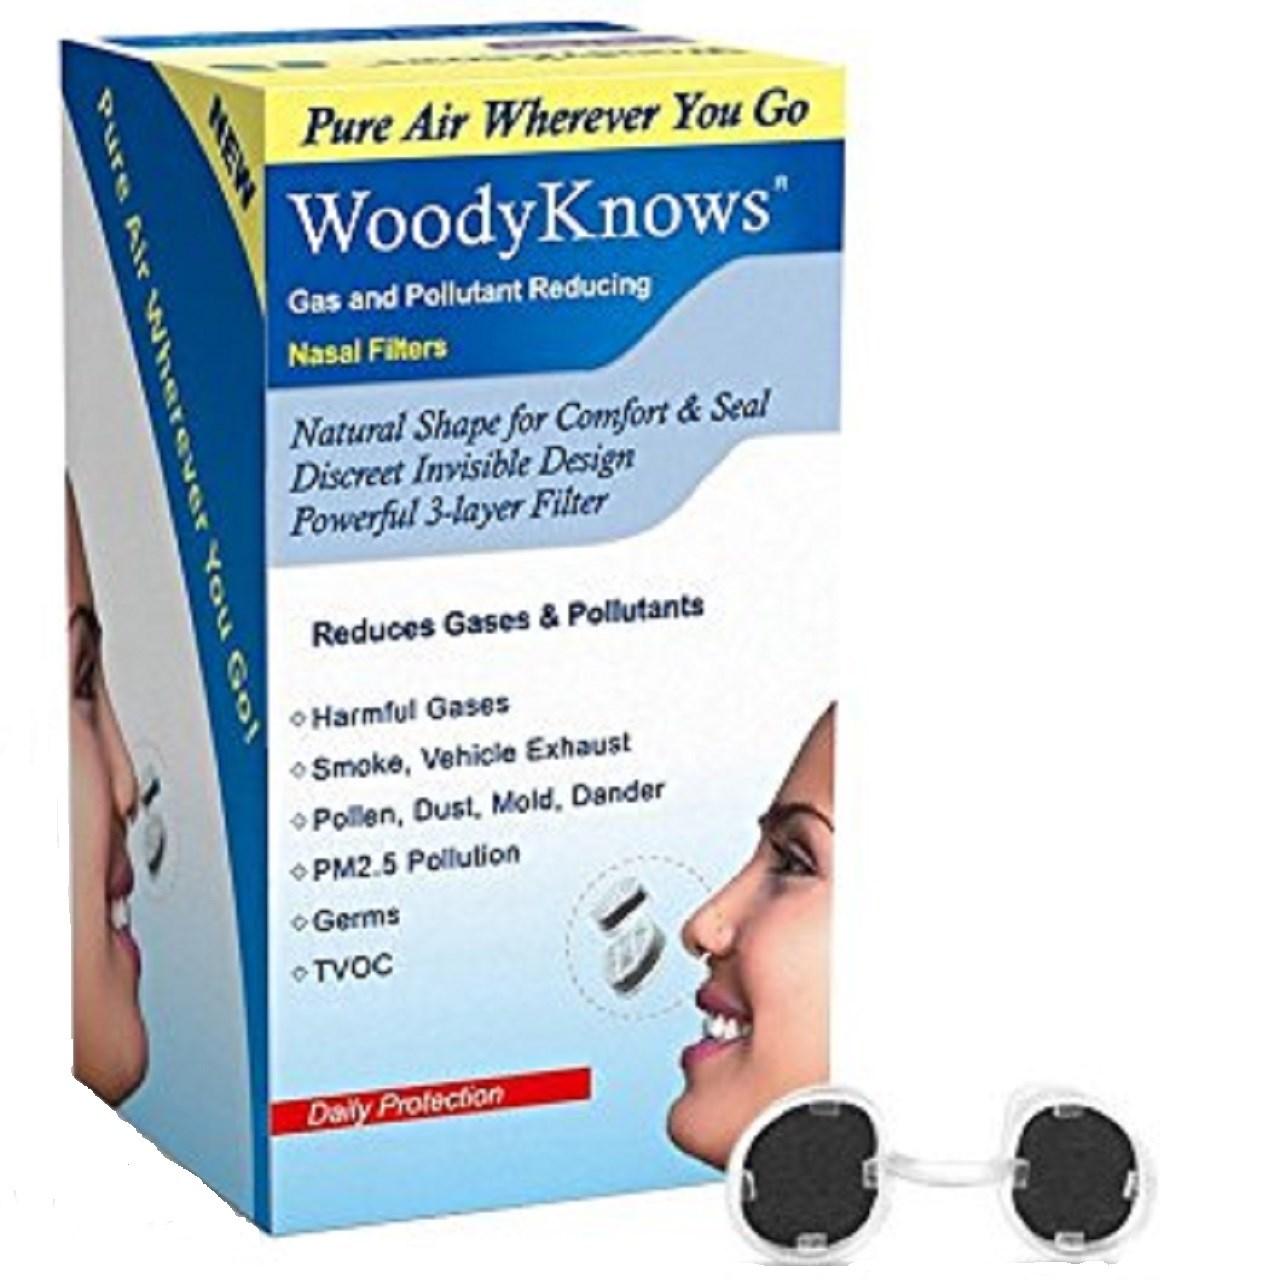 ماسک  بینی وودی نوز مدل Gas And Pollutant Reducing برای حفره بینی گرد